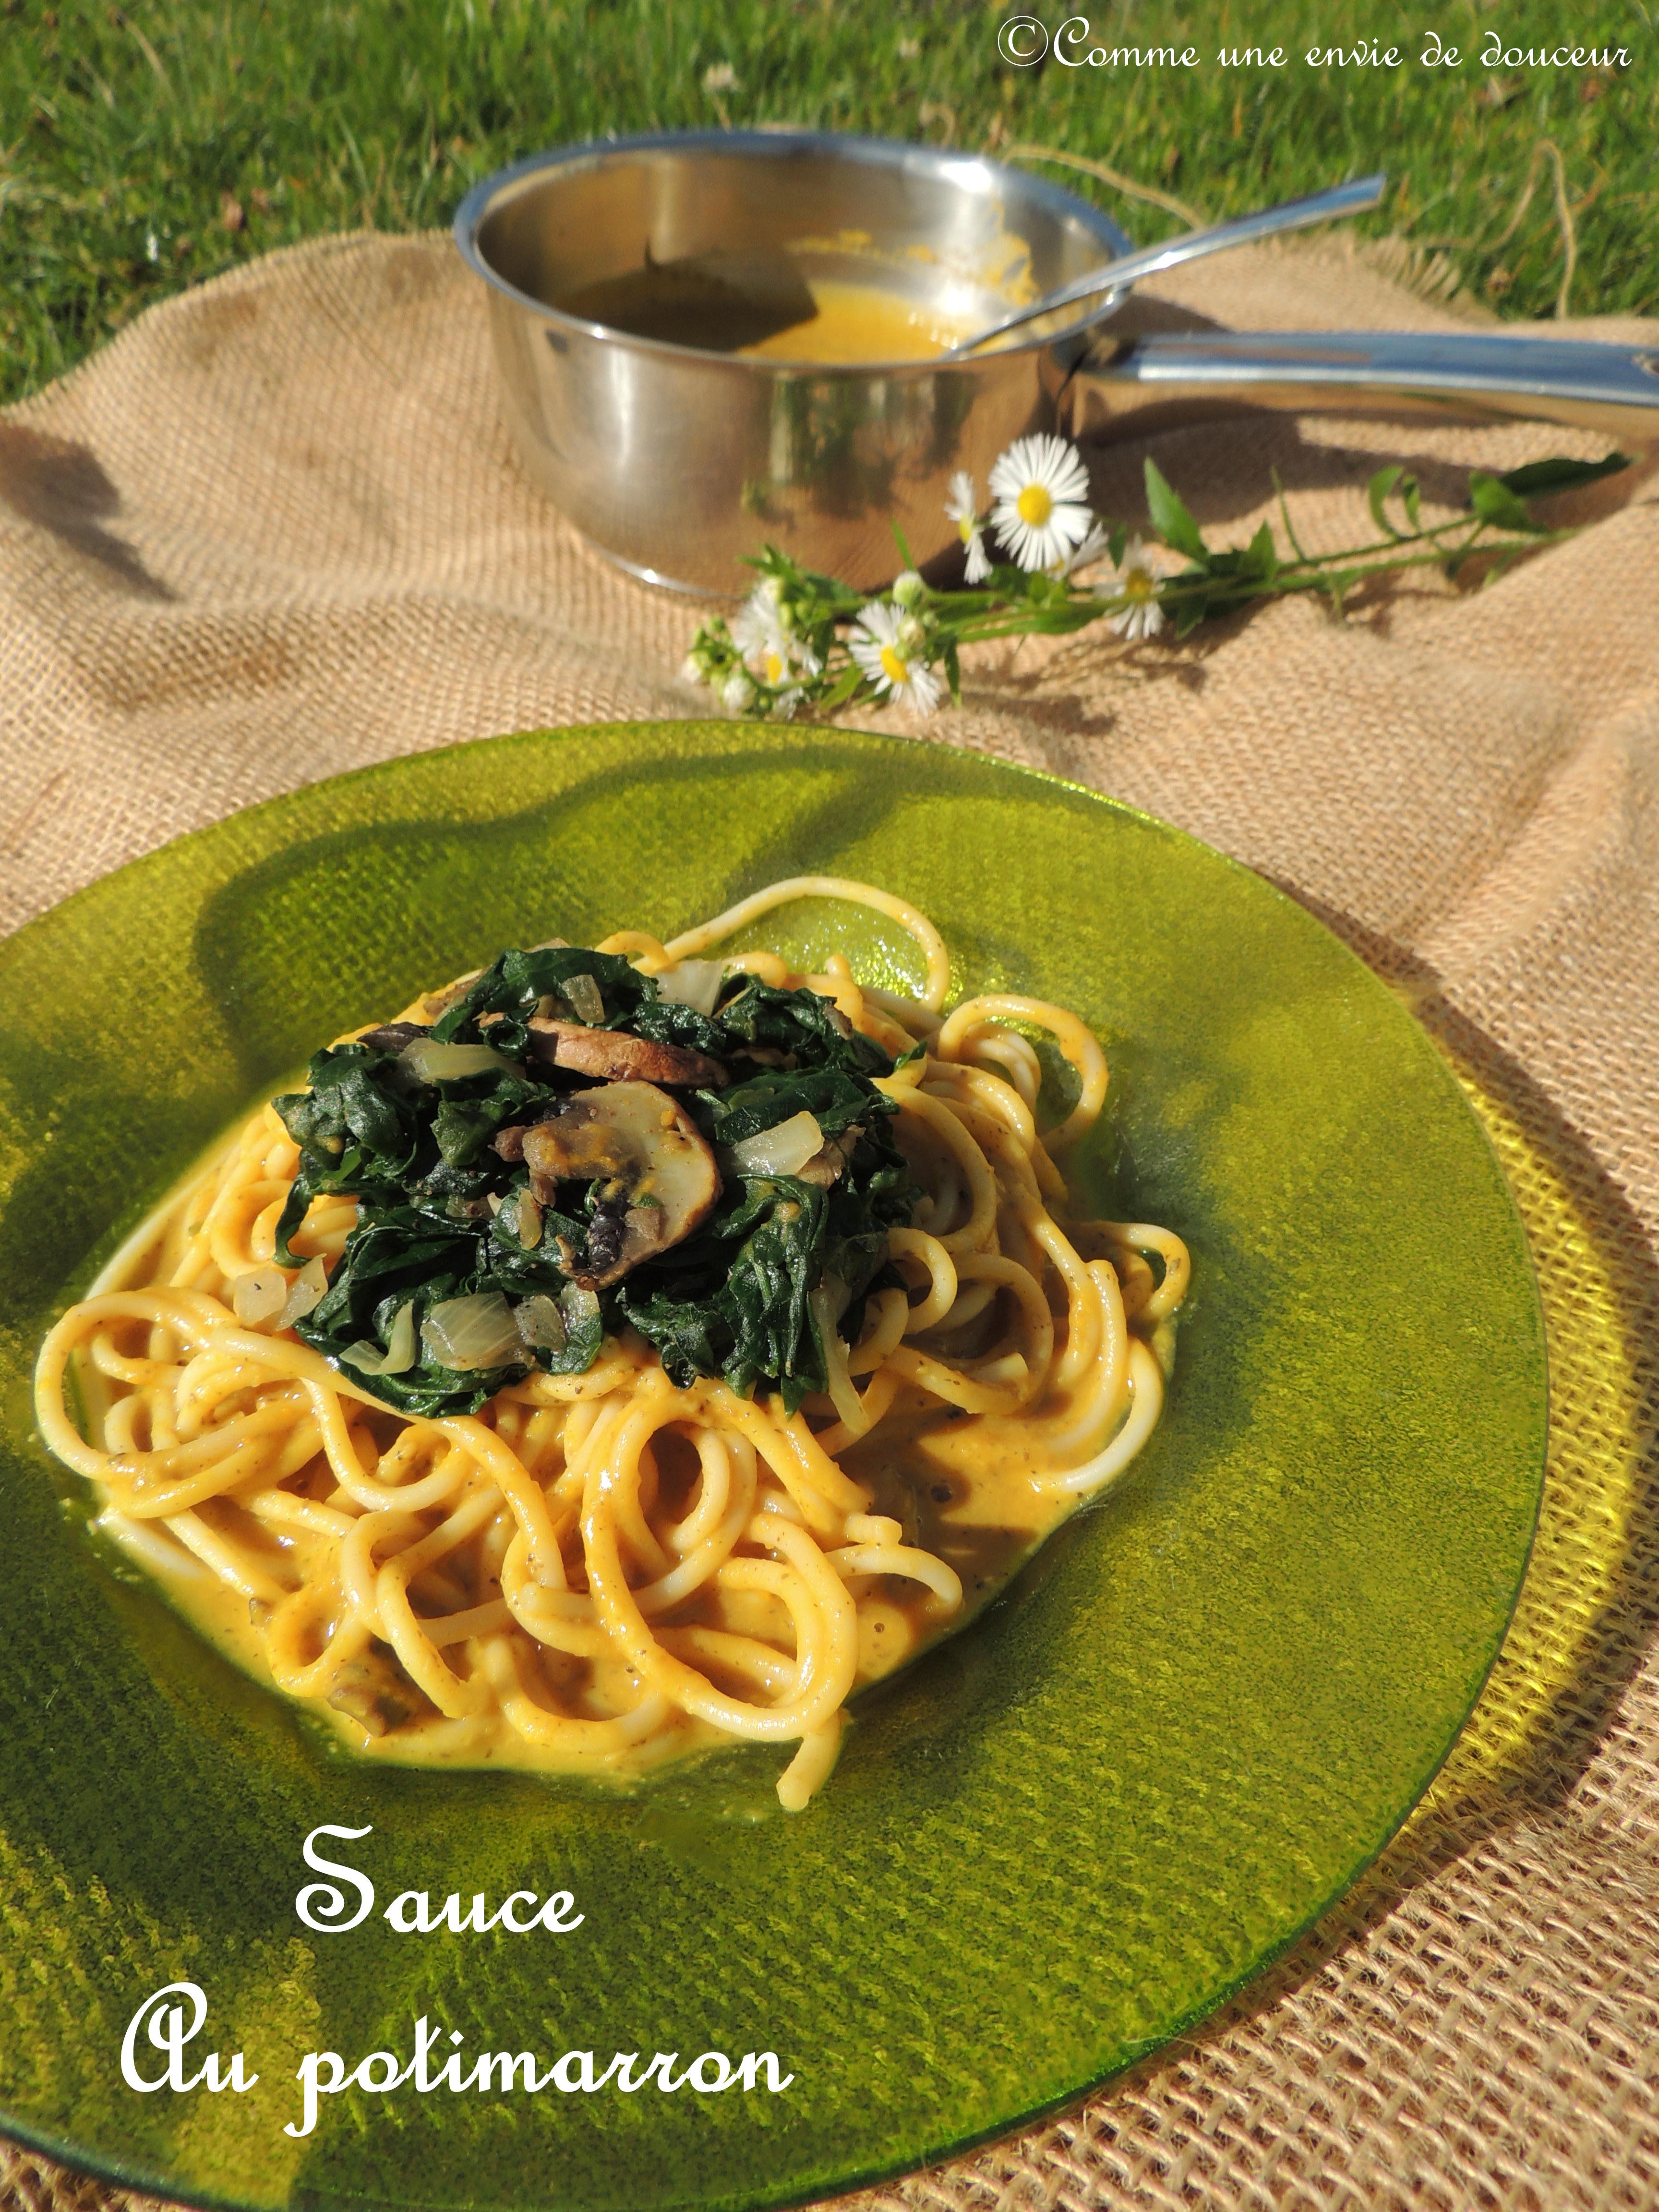 Sauce pour pâtes au potimarron & à la sauge – Butternut & sage pasta sauce